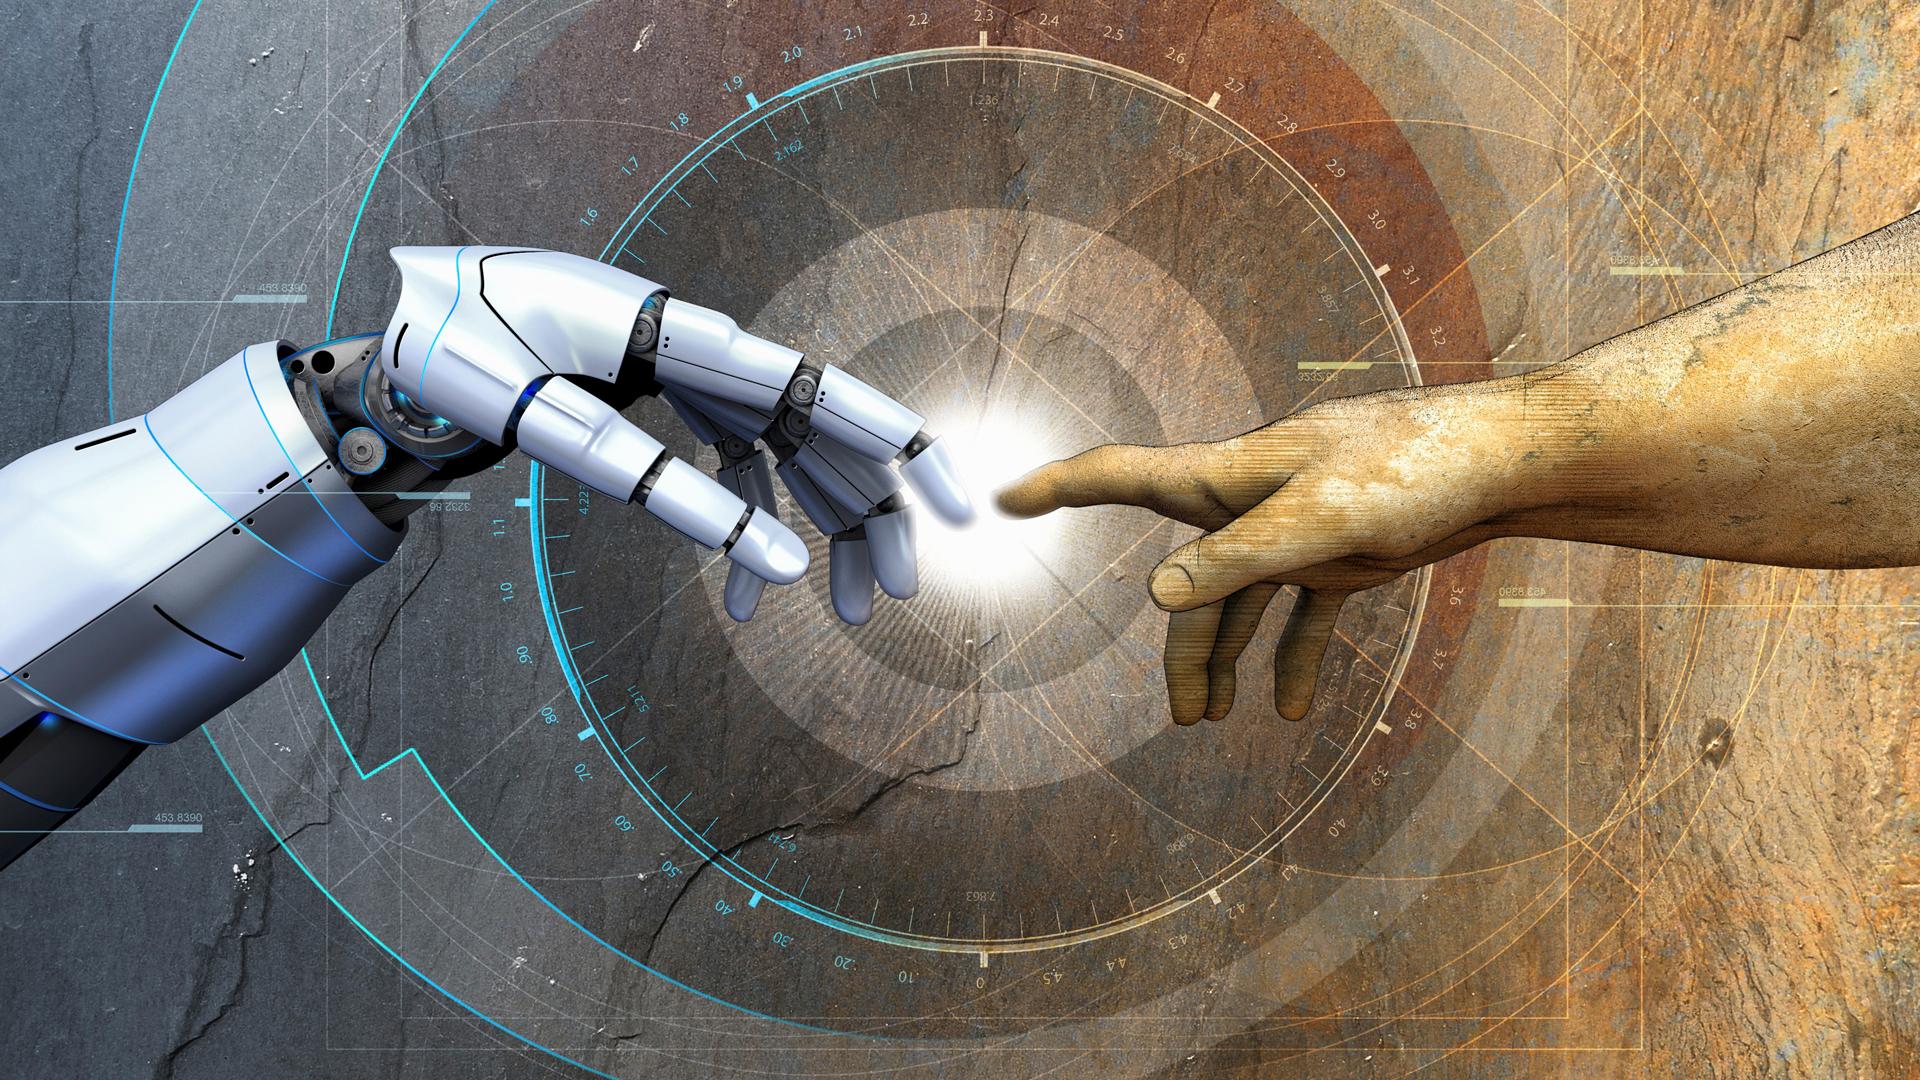 Dommedag aflyst 3:4 - Teknologiens potentiale